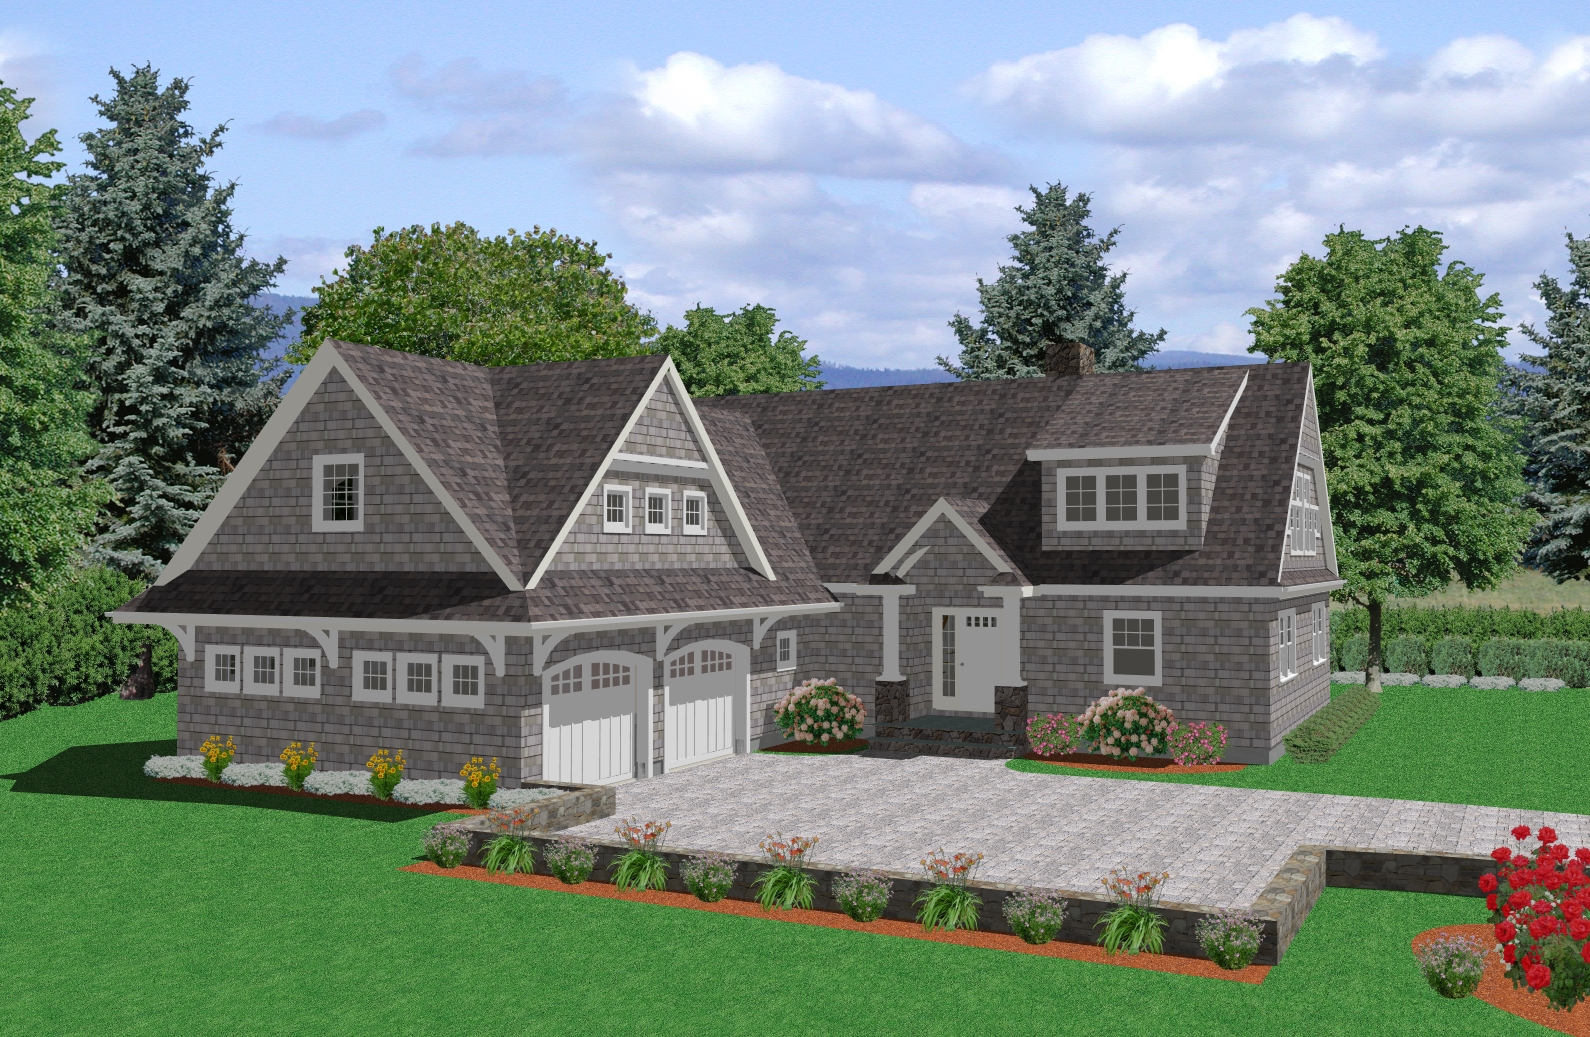 CAPE COD STYLE HOUSE PLANS  Floor Plans